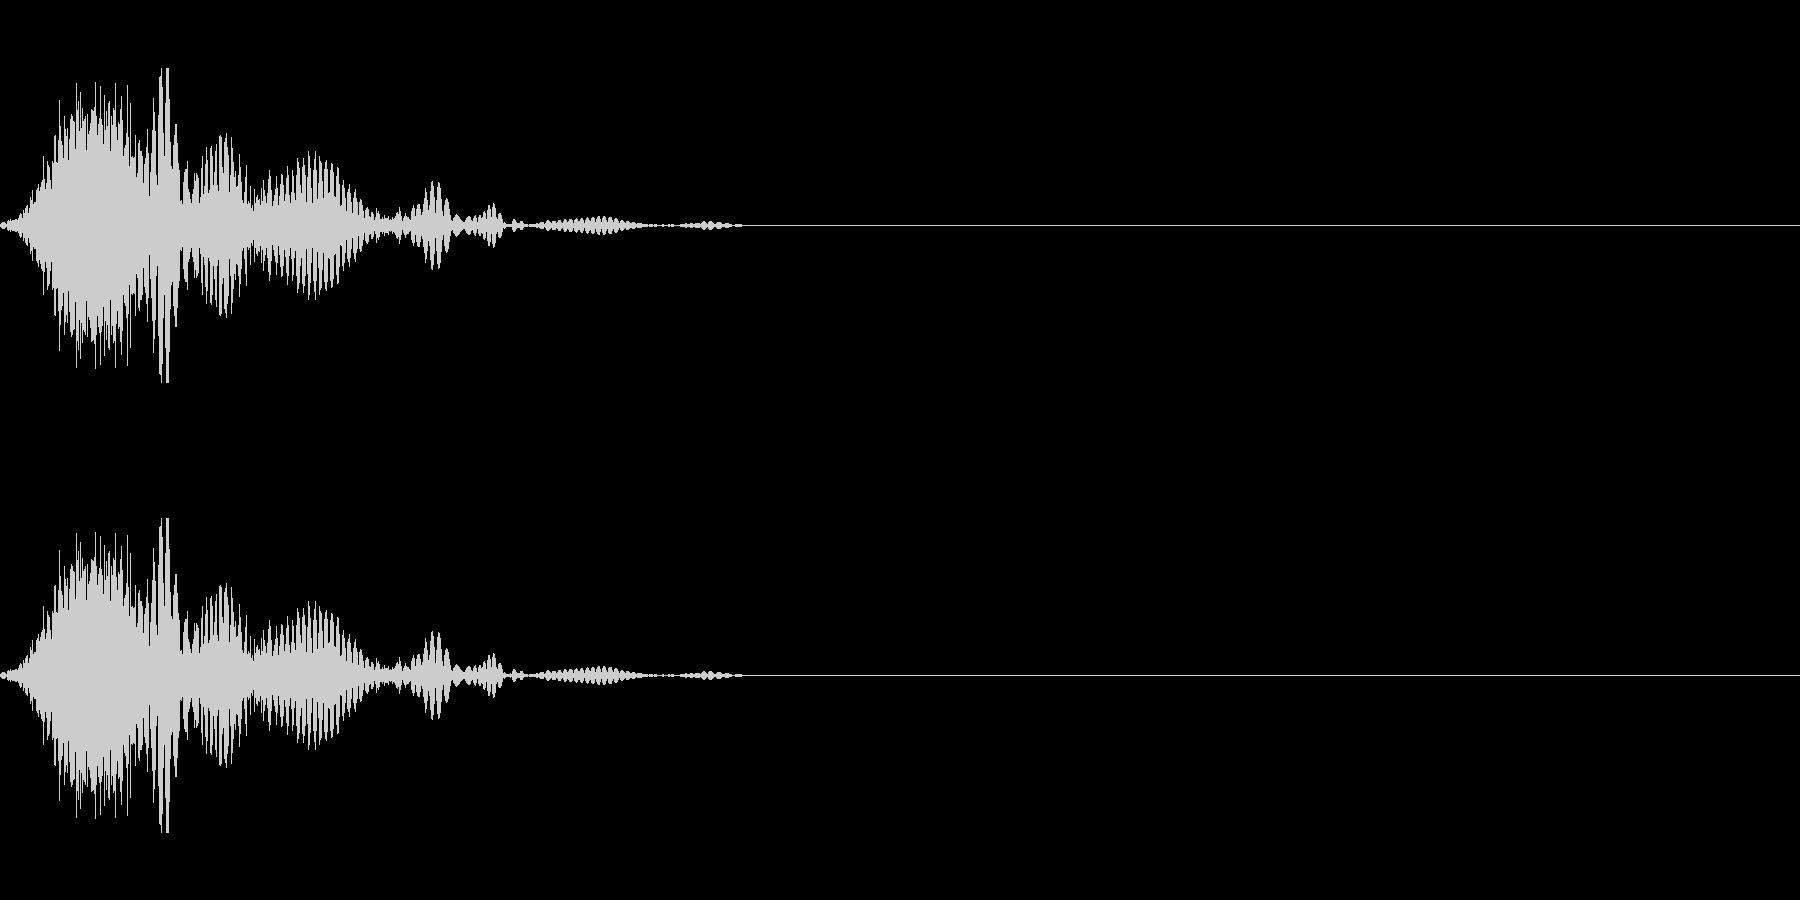 斬撃音(刀や剣で斬る/刺す効果音)17bの未再生の波形